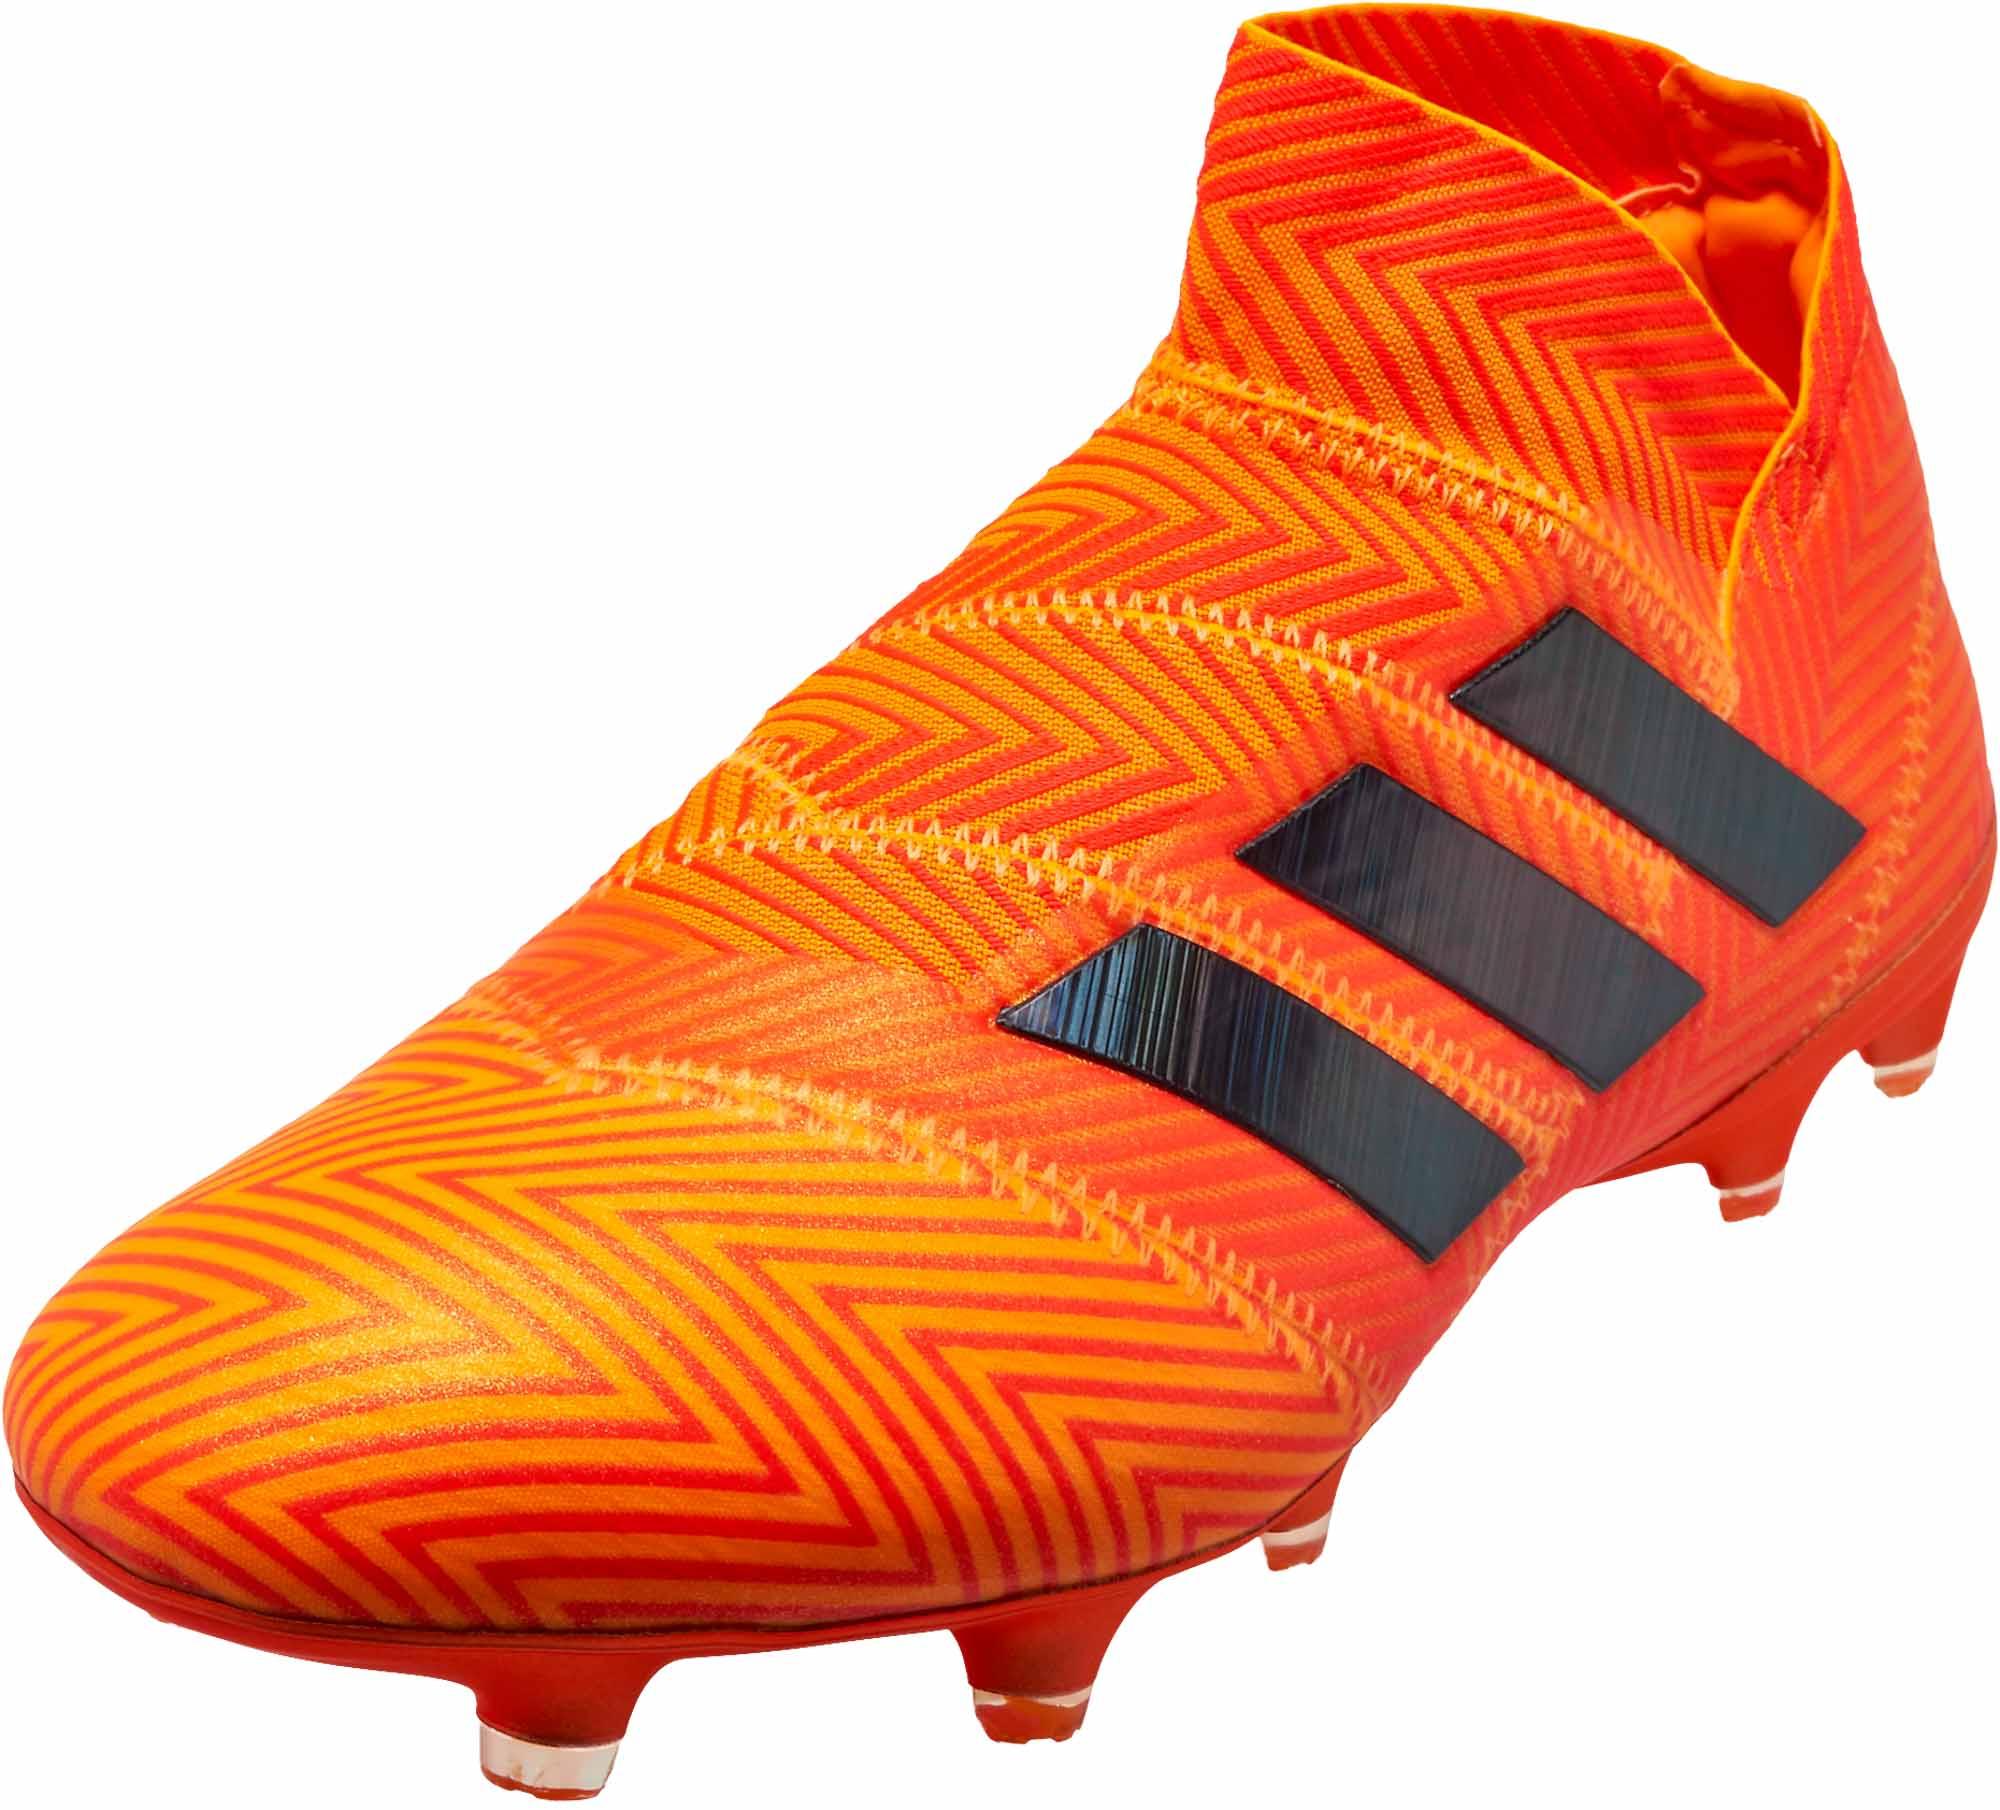 Adidas nemeziz 18   FG Zest / negro / rojo soccerpro solar